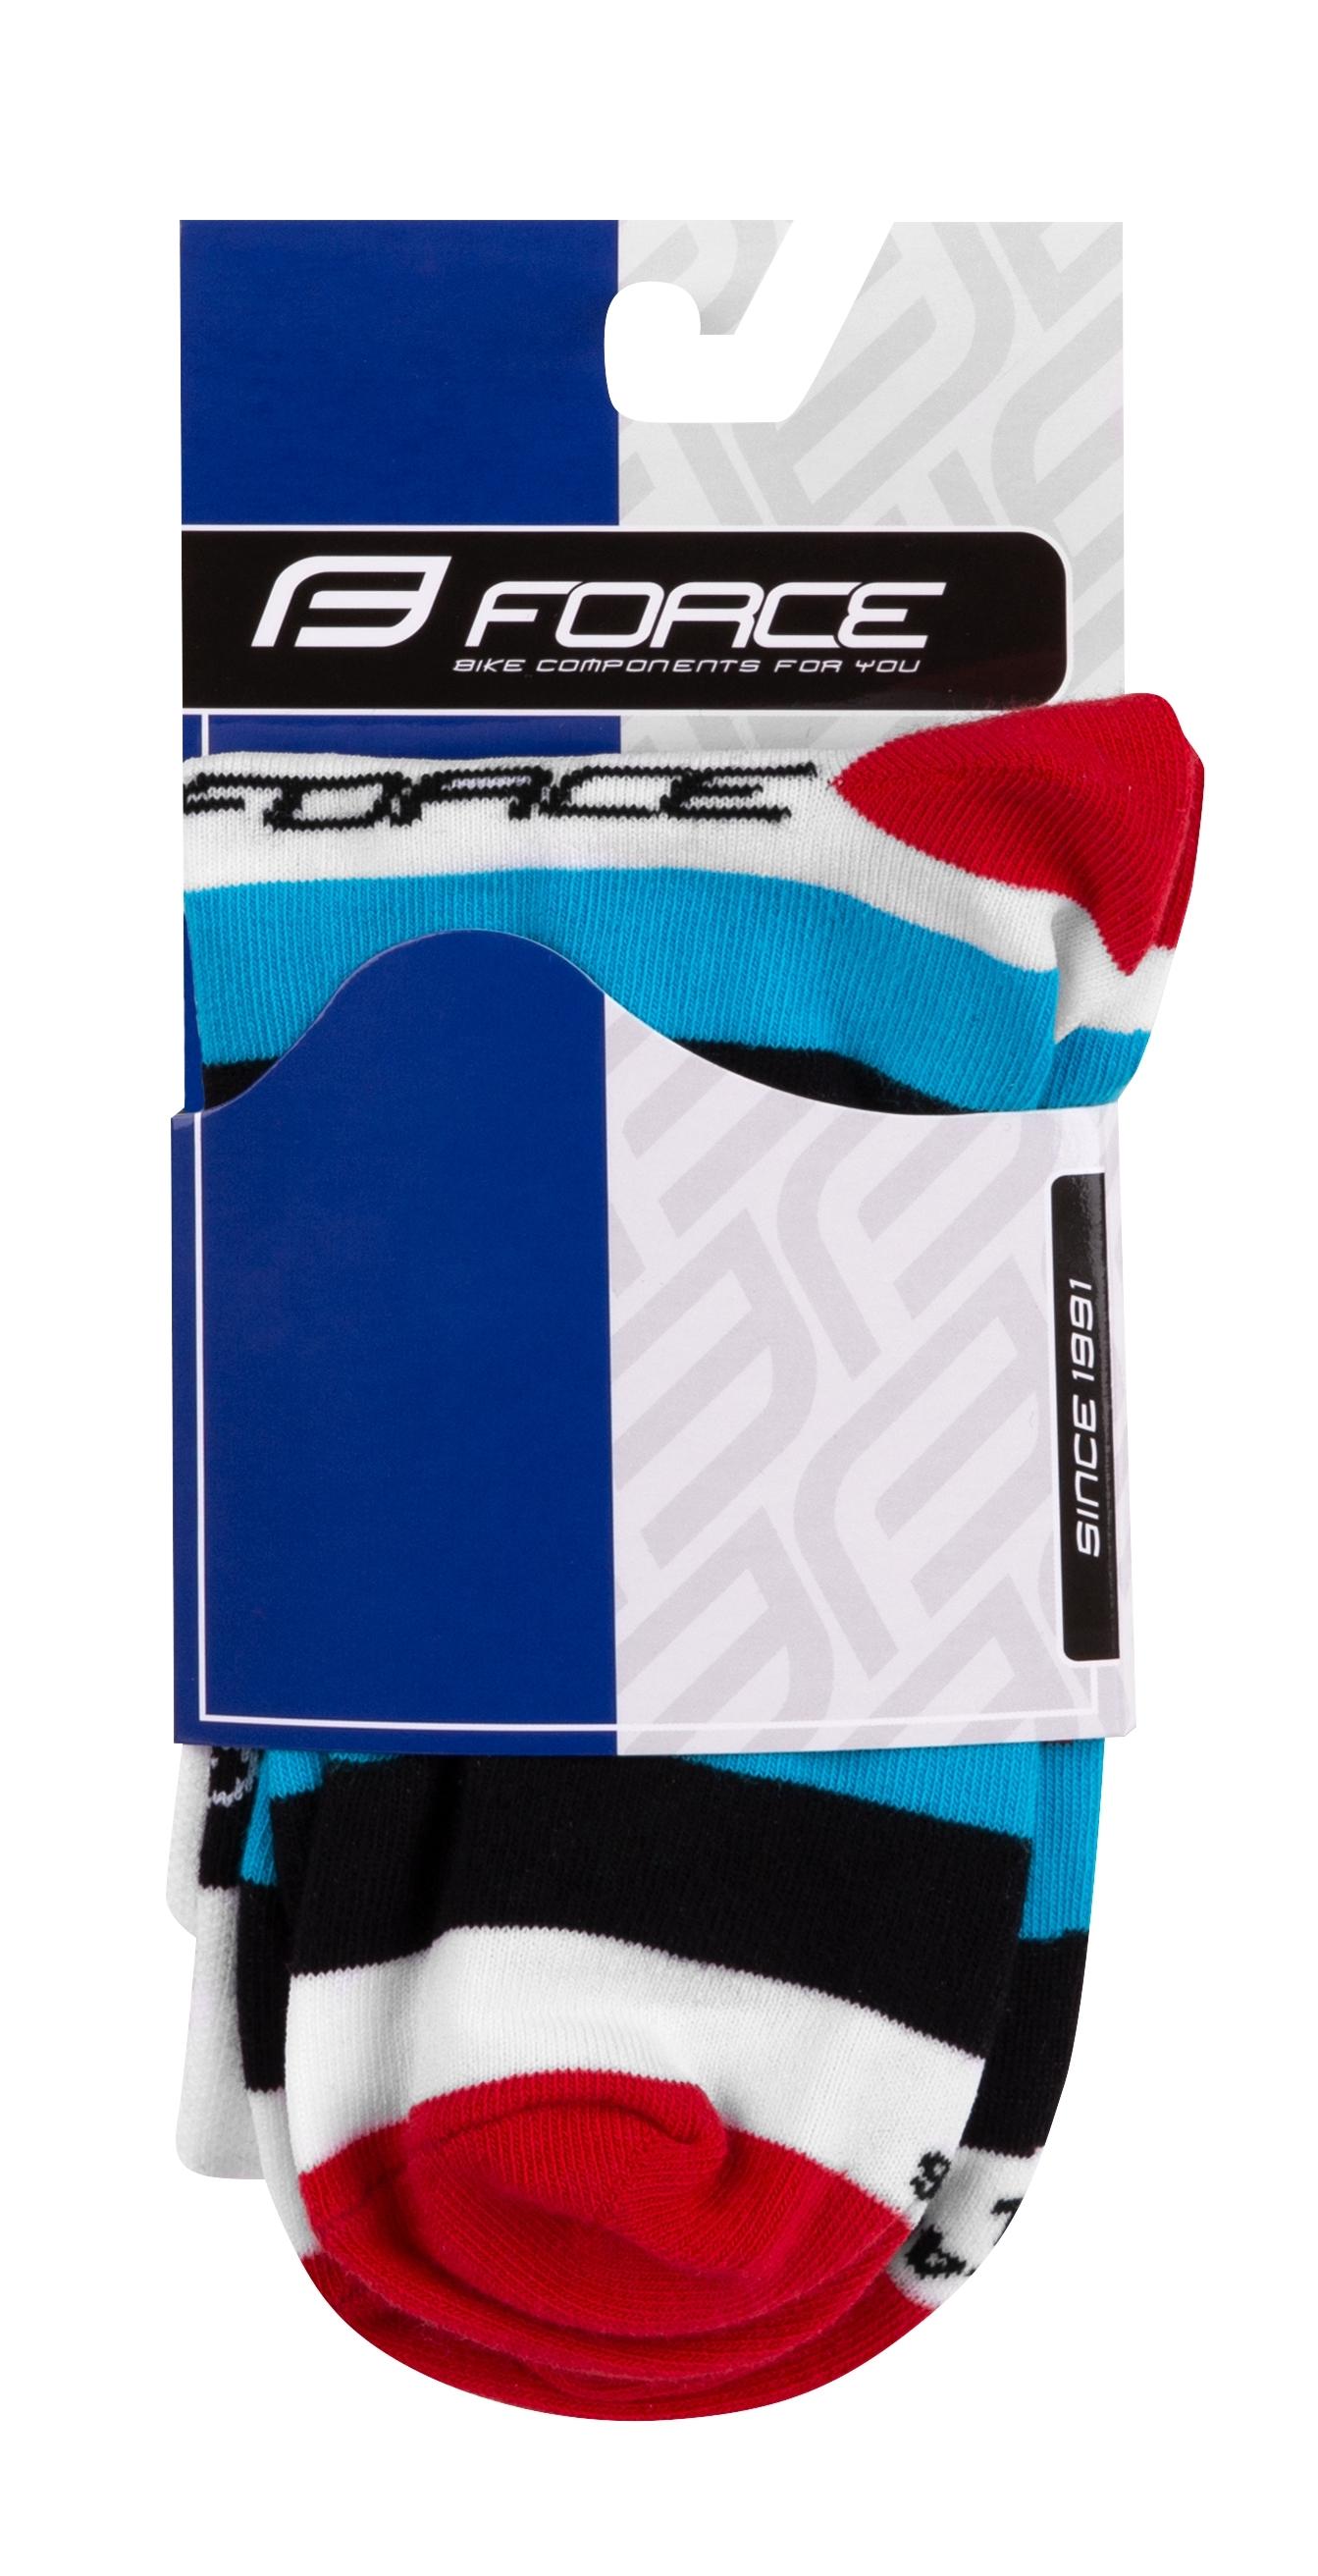 ponožky FORCE CYCLE, bílé S-M/36-41